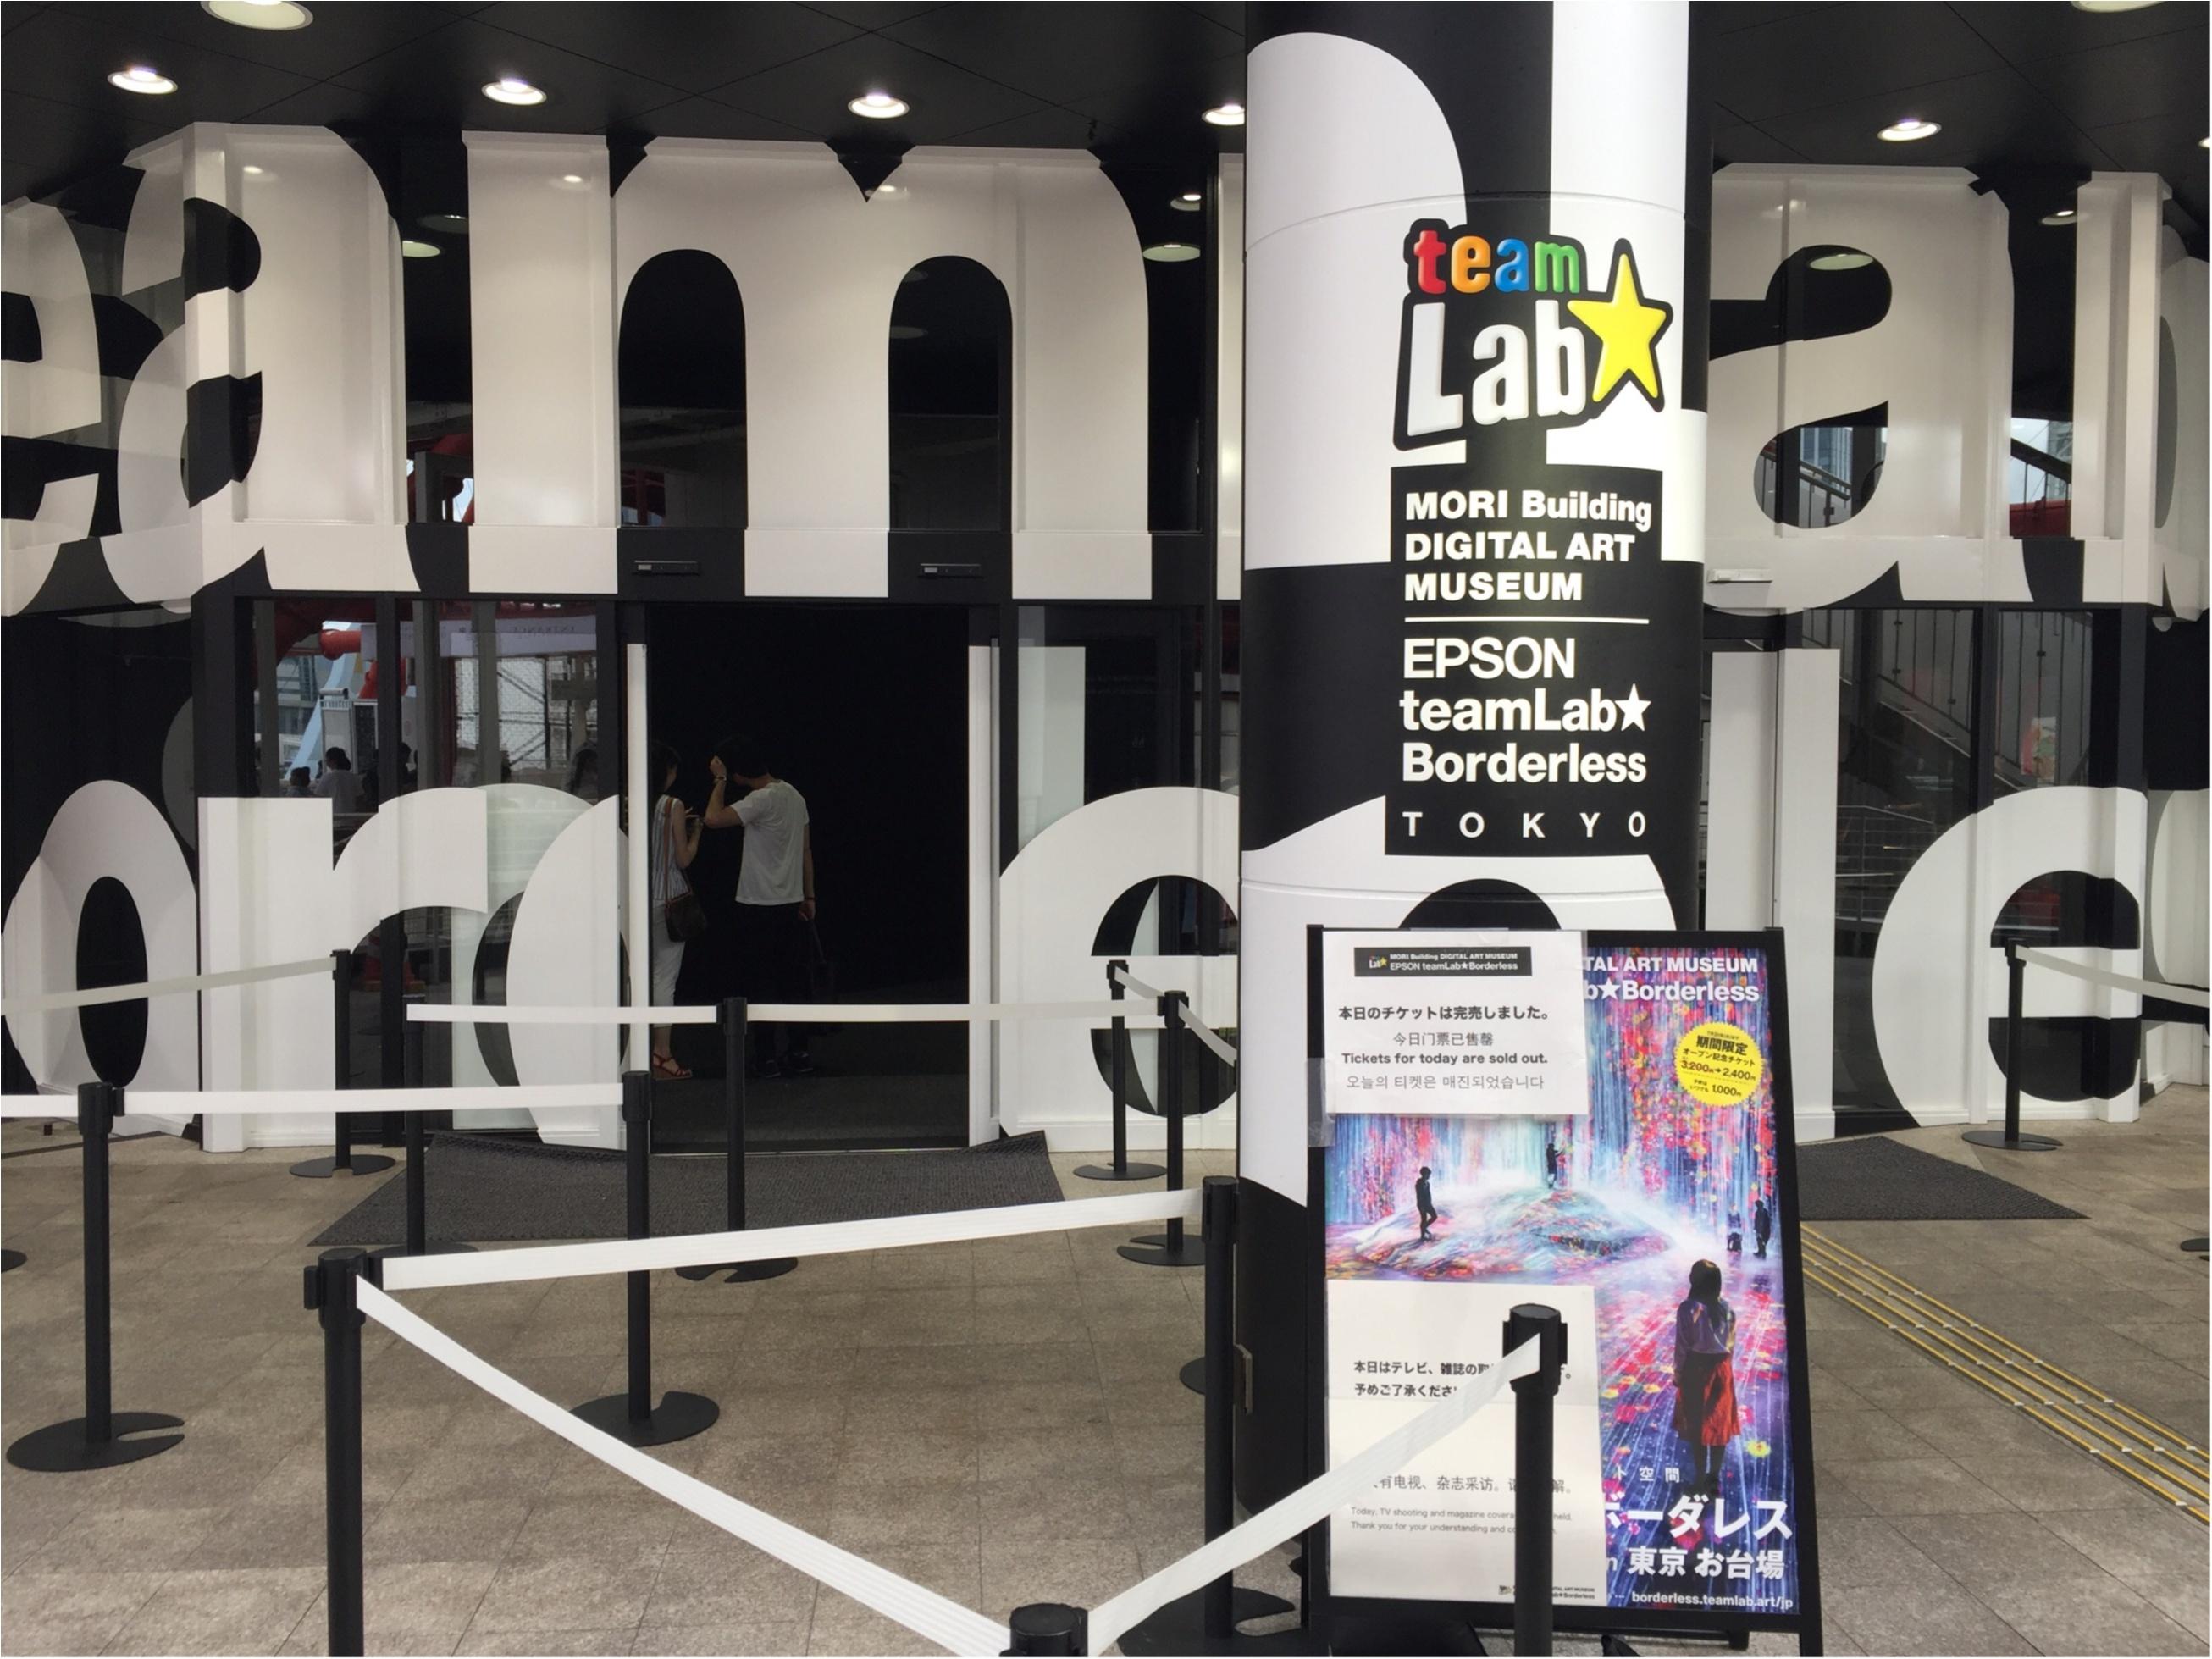 【お台場】チームラボのデジタルアートミュージアムは写真を撮りたくなるスポットがたくさん♡_1